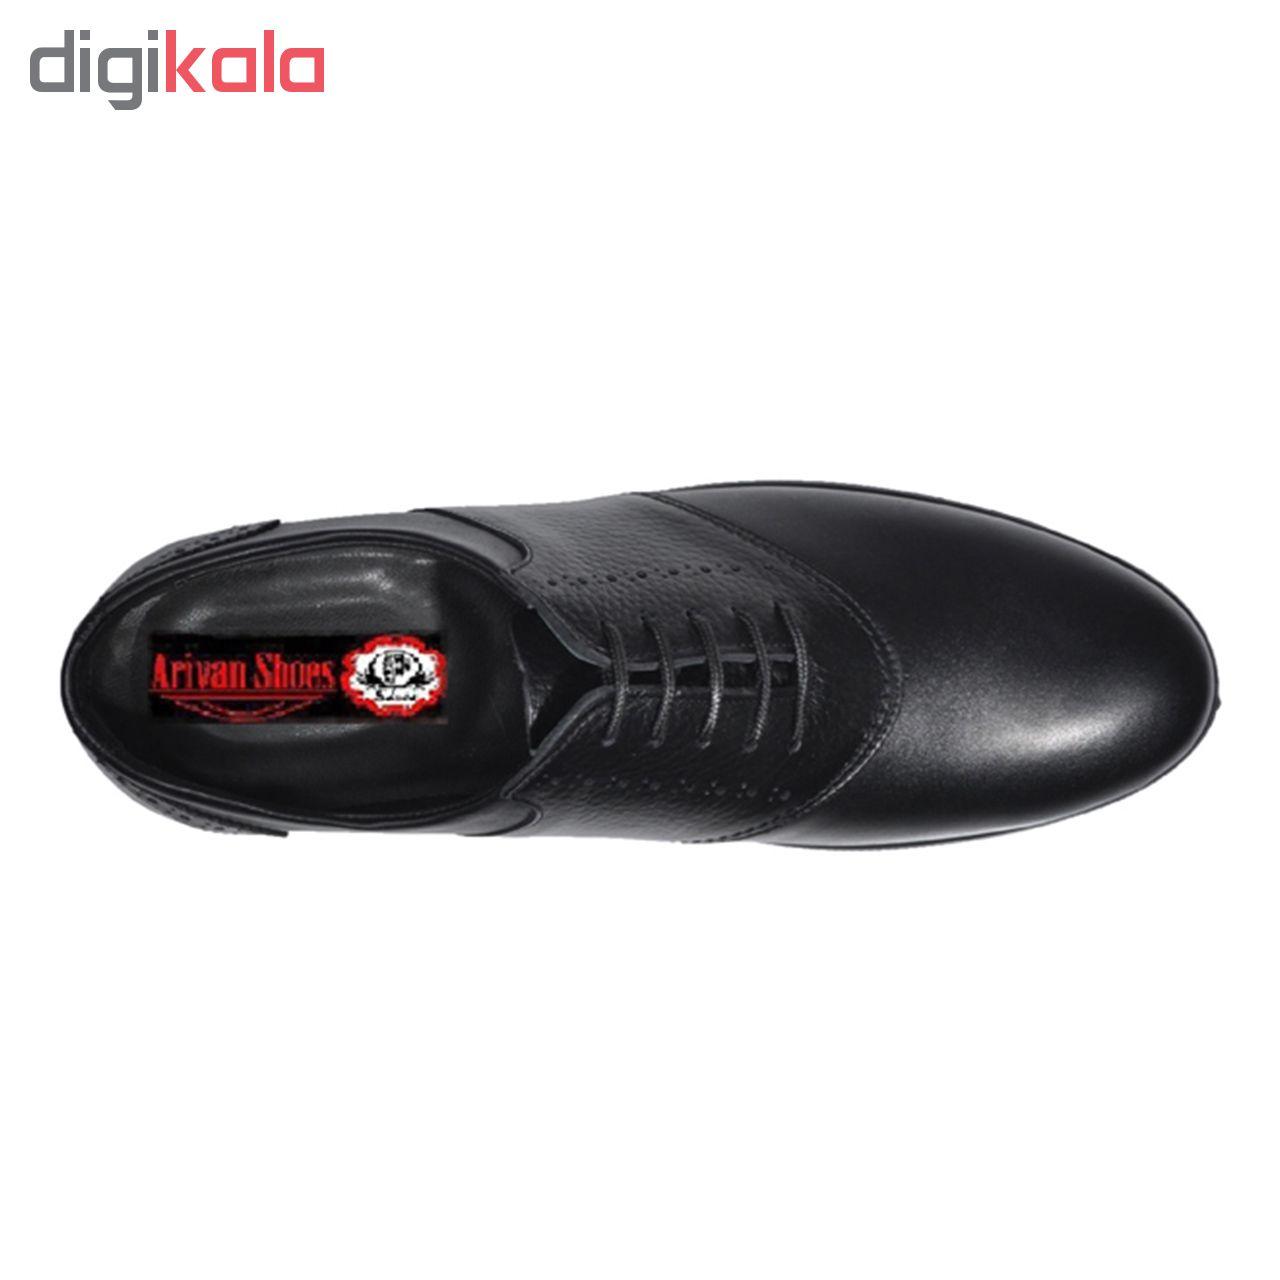 کفش مردانه آریوان مدل AR641 M